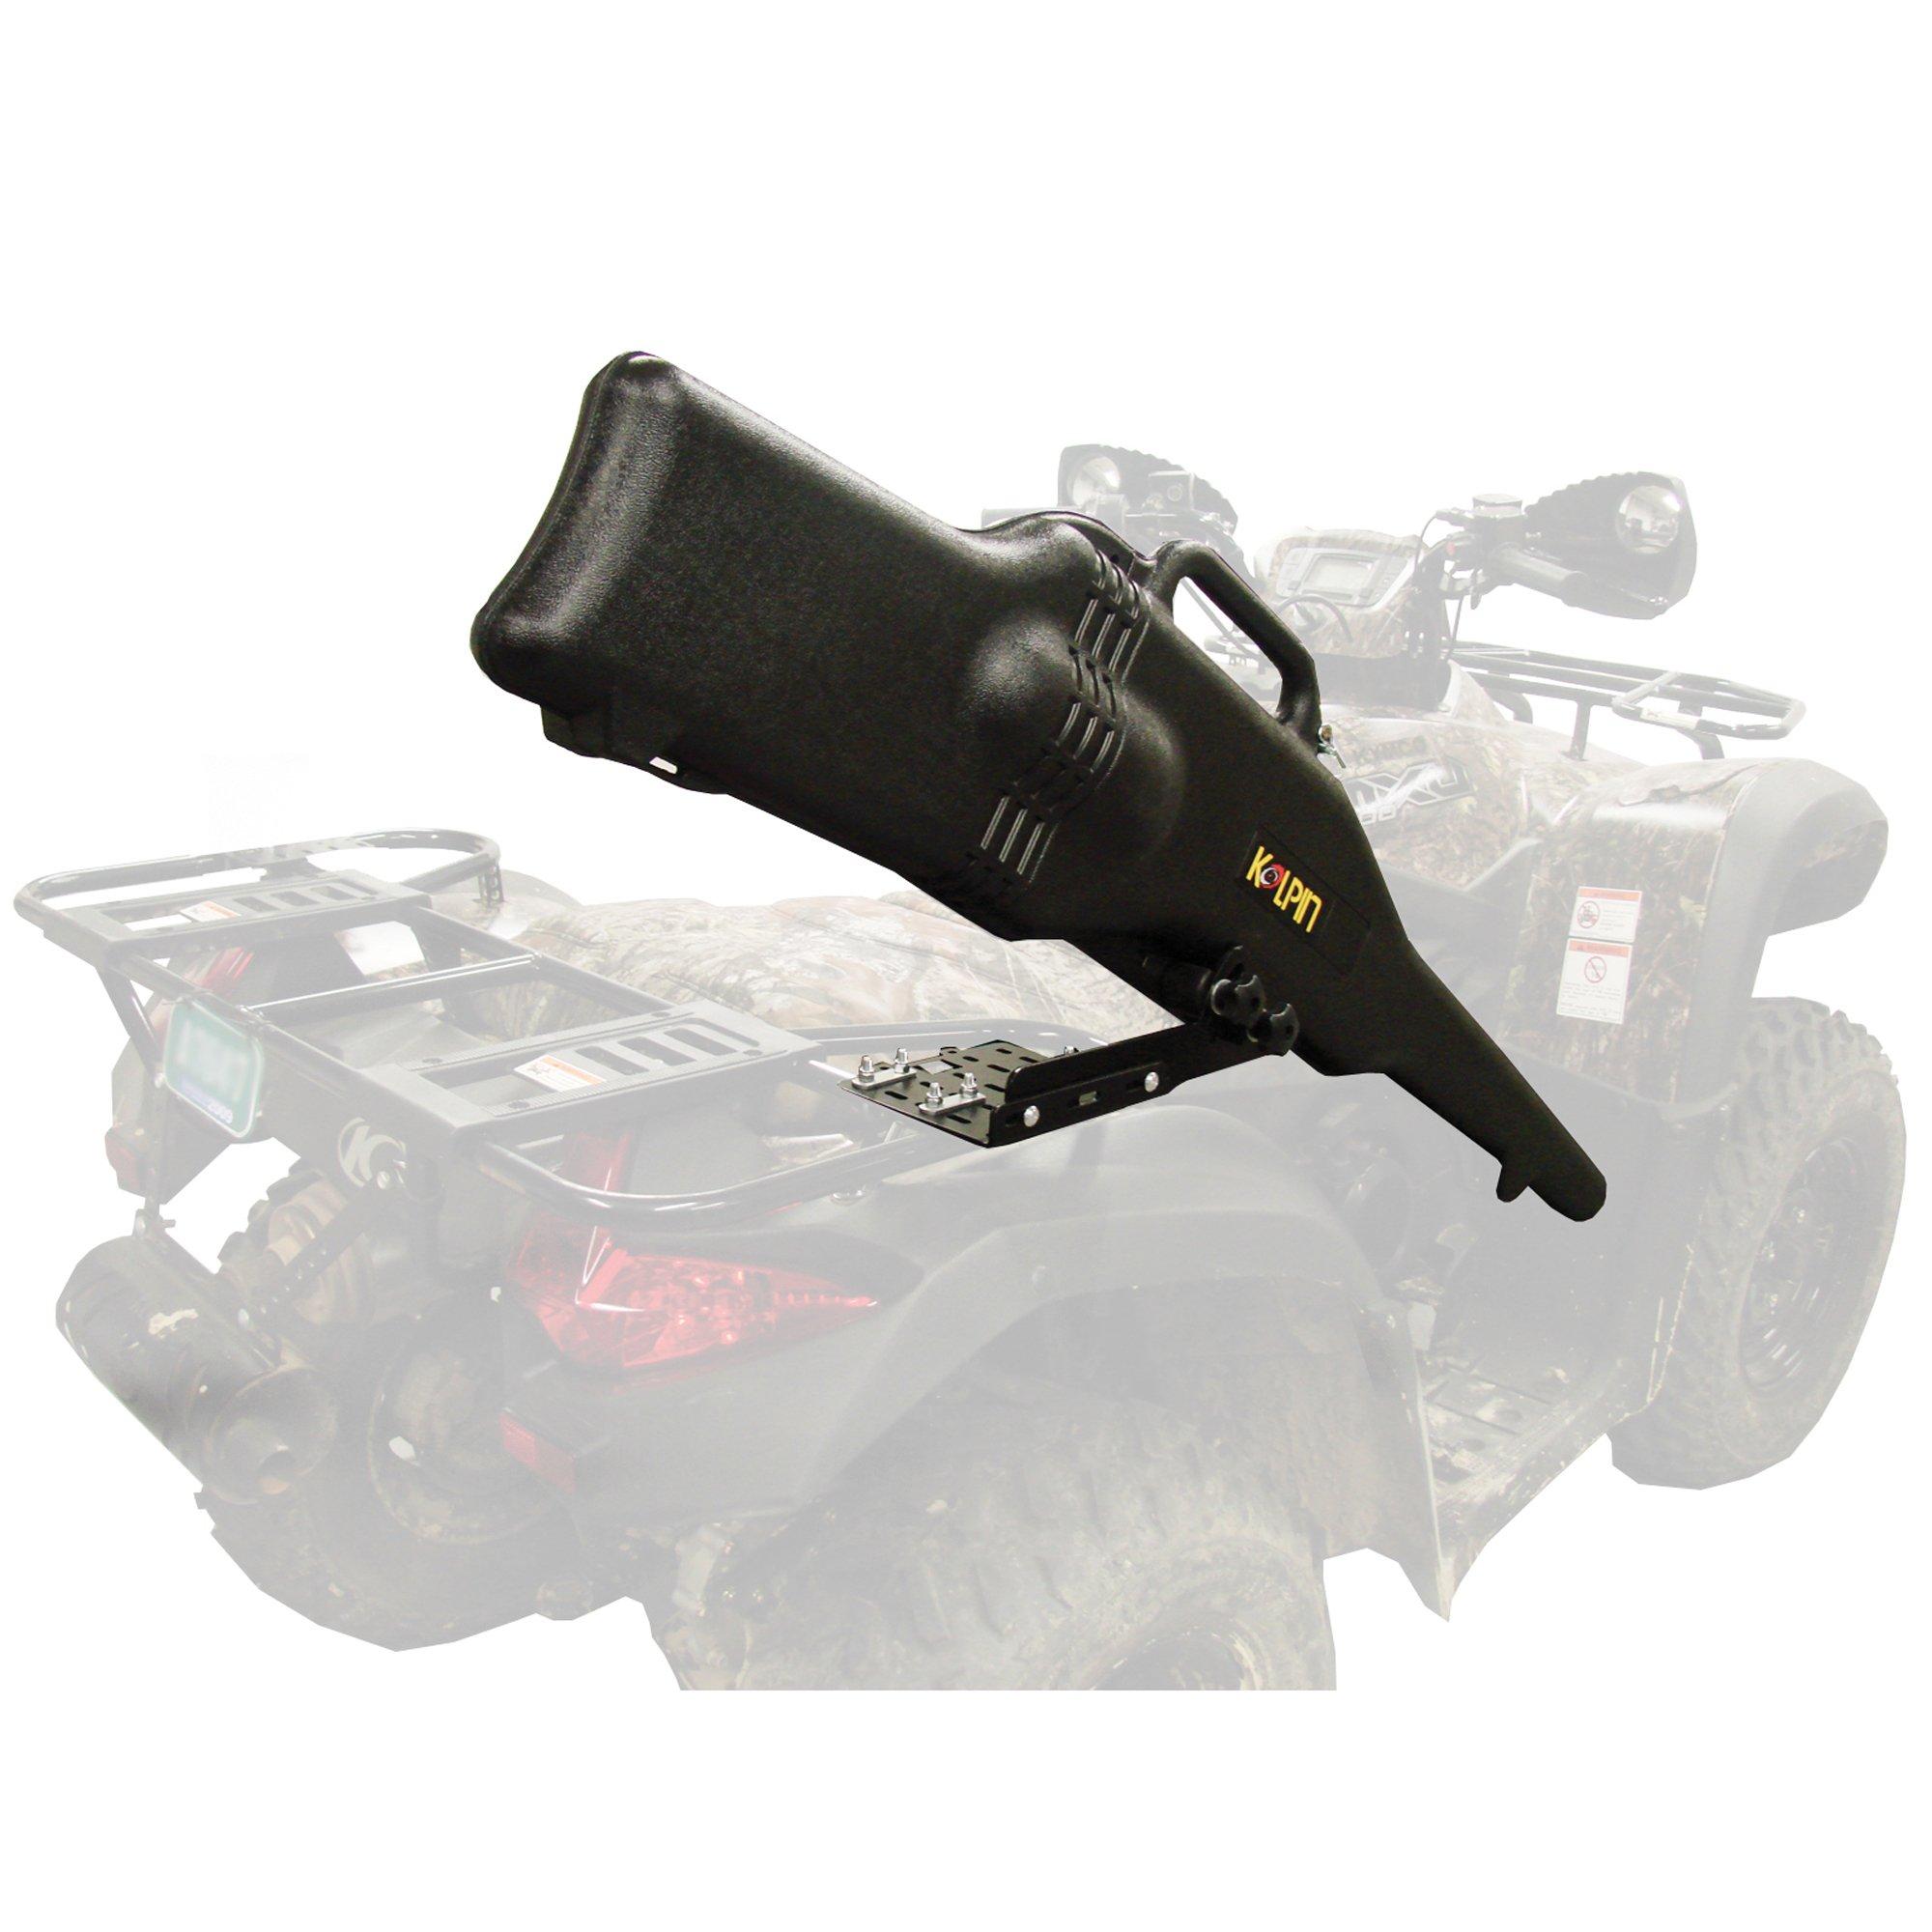 Kolpin Gun Boot 4.3 with Bracket - 20053 by Kolpin